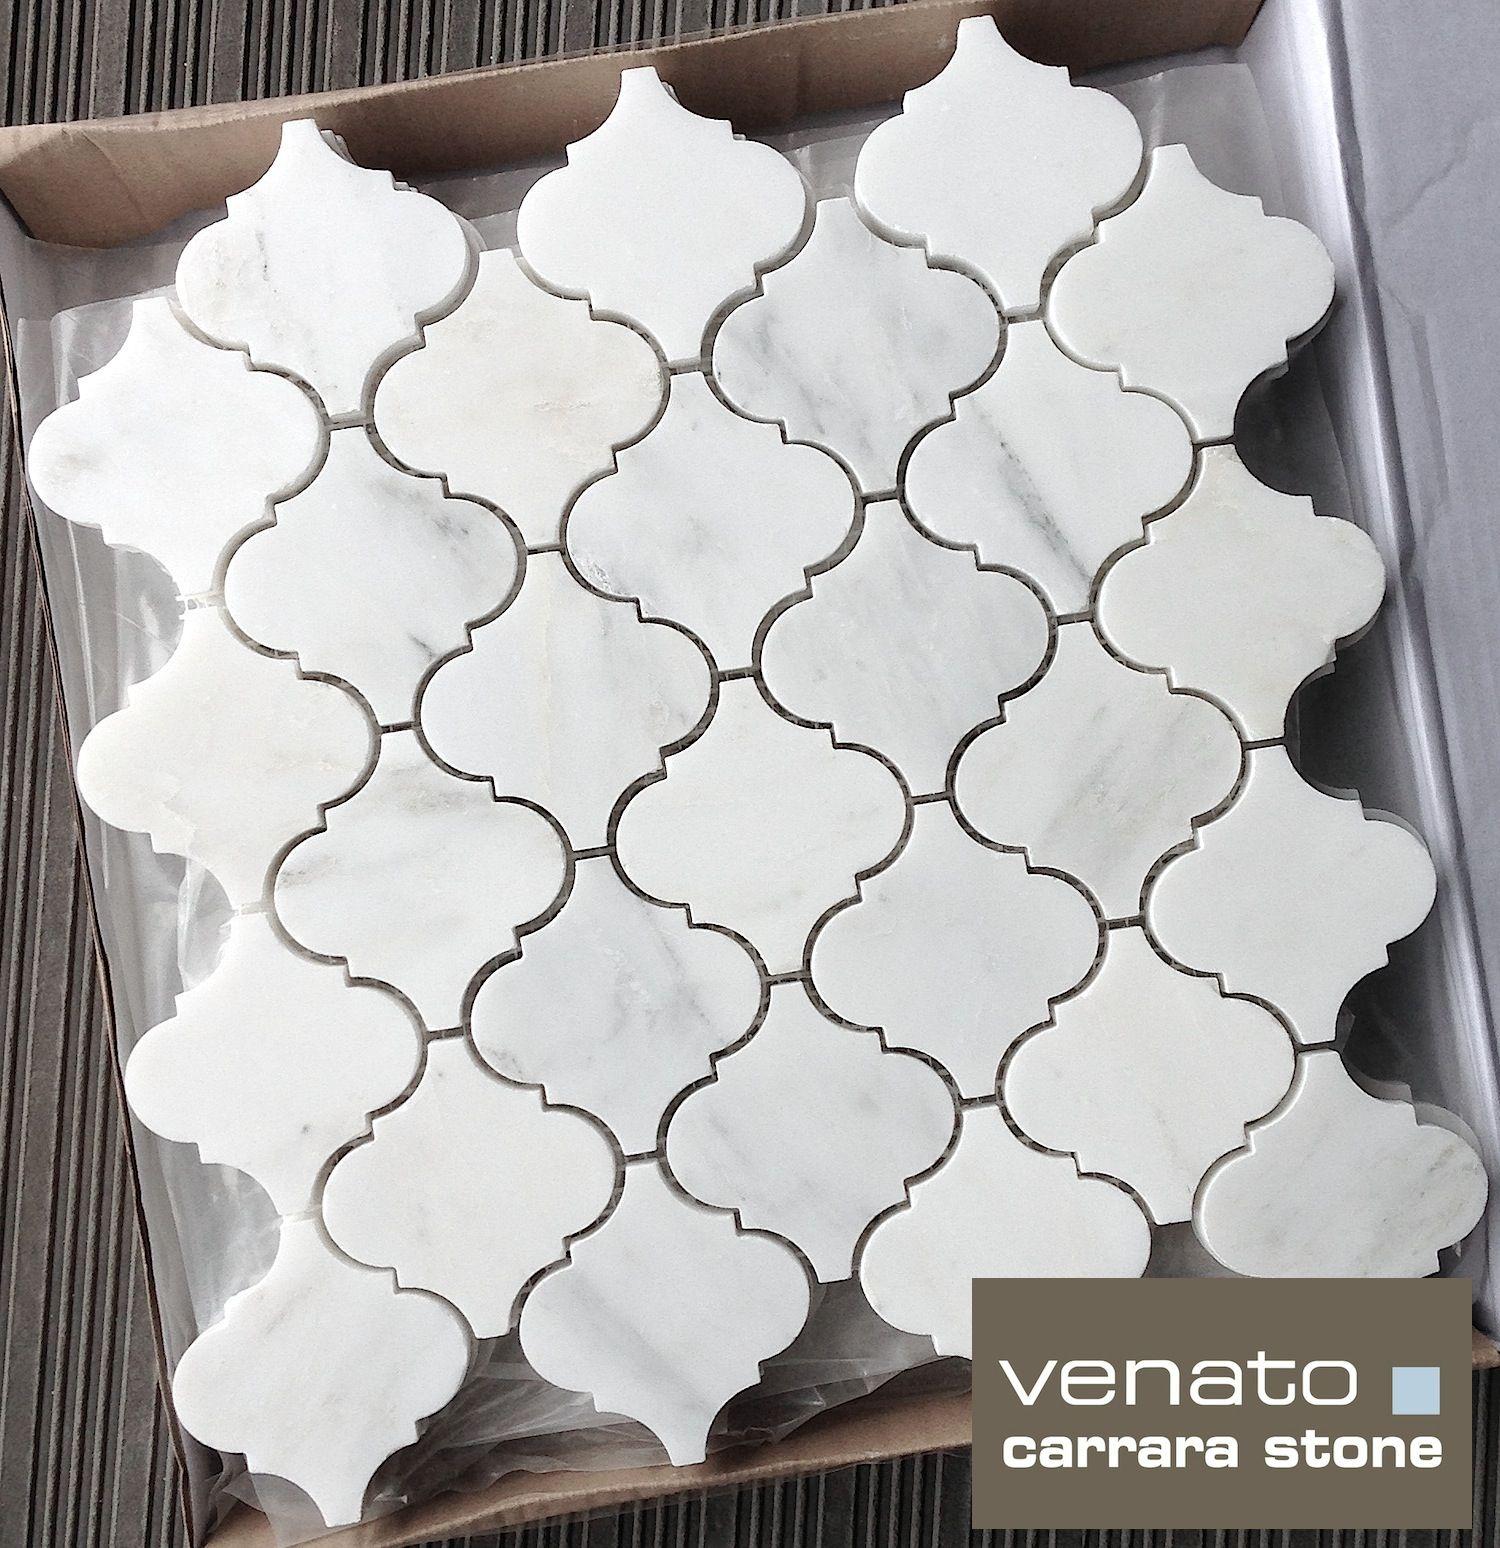 Carrara arabesque marble mosaic marble mosaic kitchen carrara arabesque marble mosaic mosaic kitchen backsplashkitchen without backsplashbacksplash ideas dailygadgetfo Images